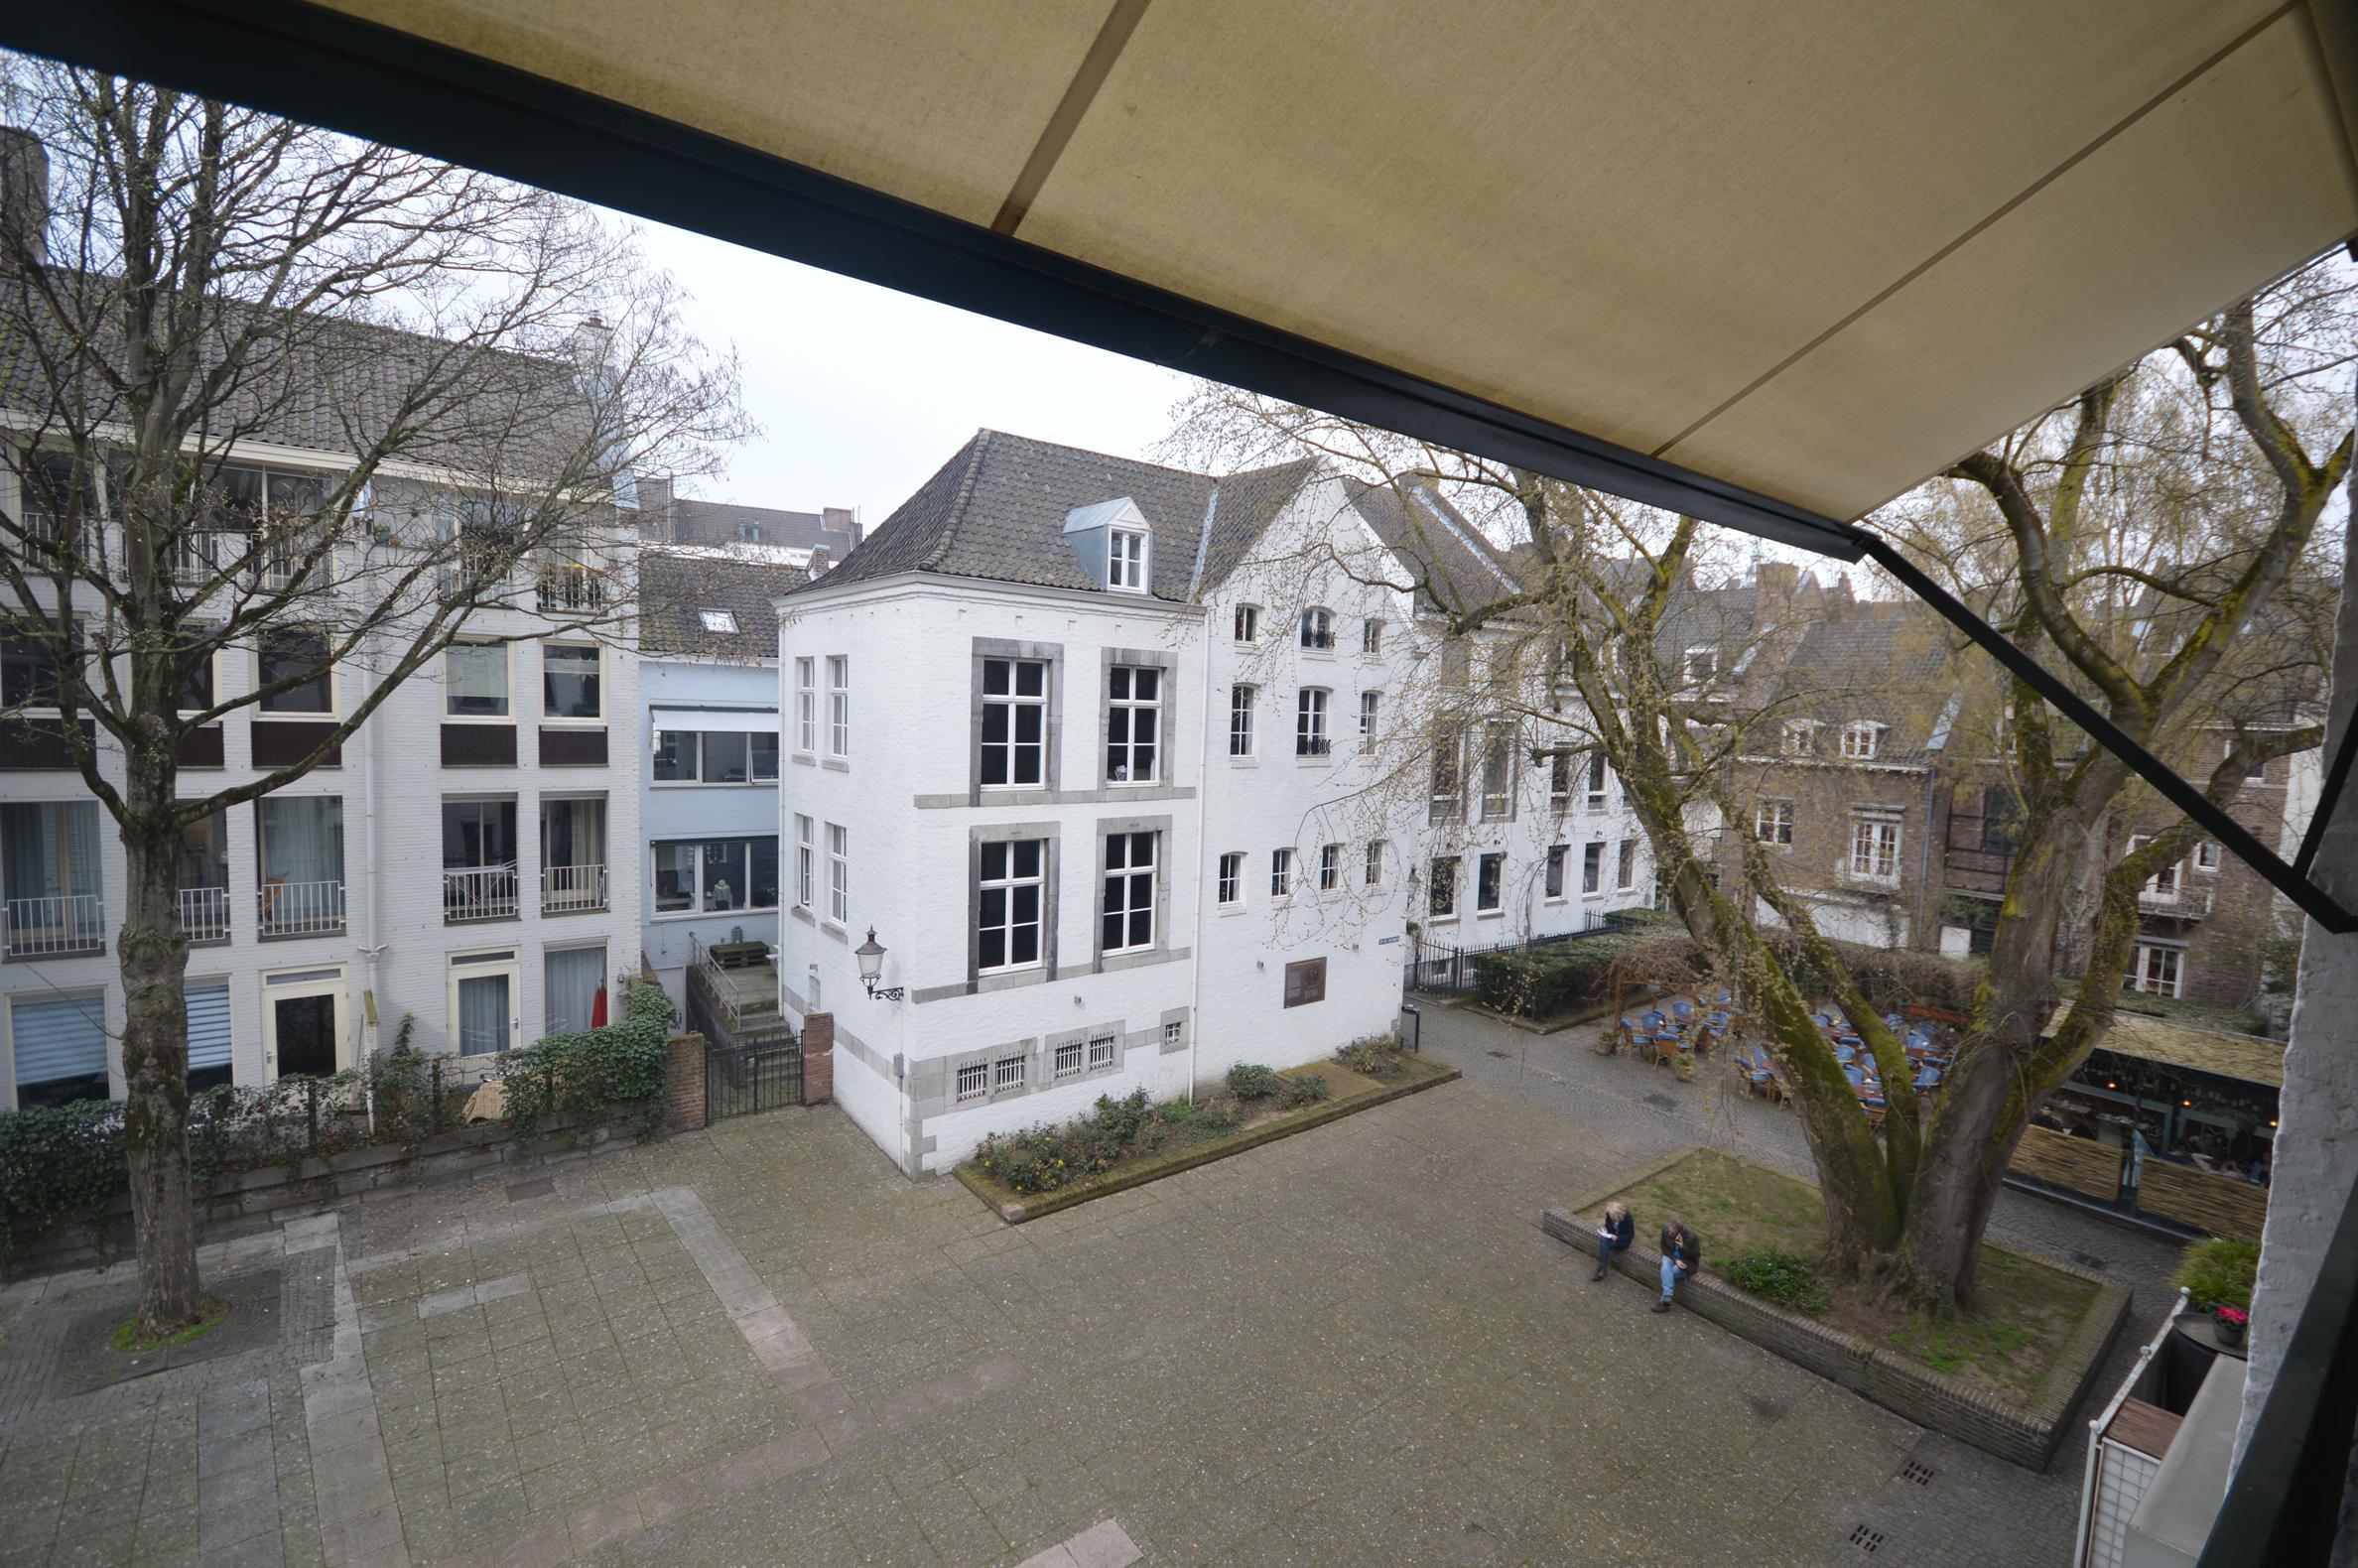 Stokstraat, Maastricht